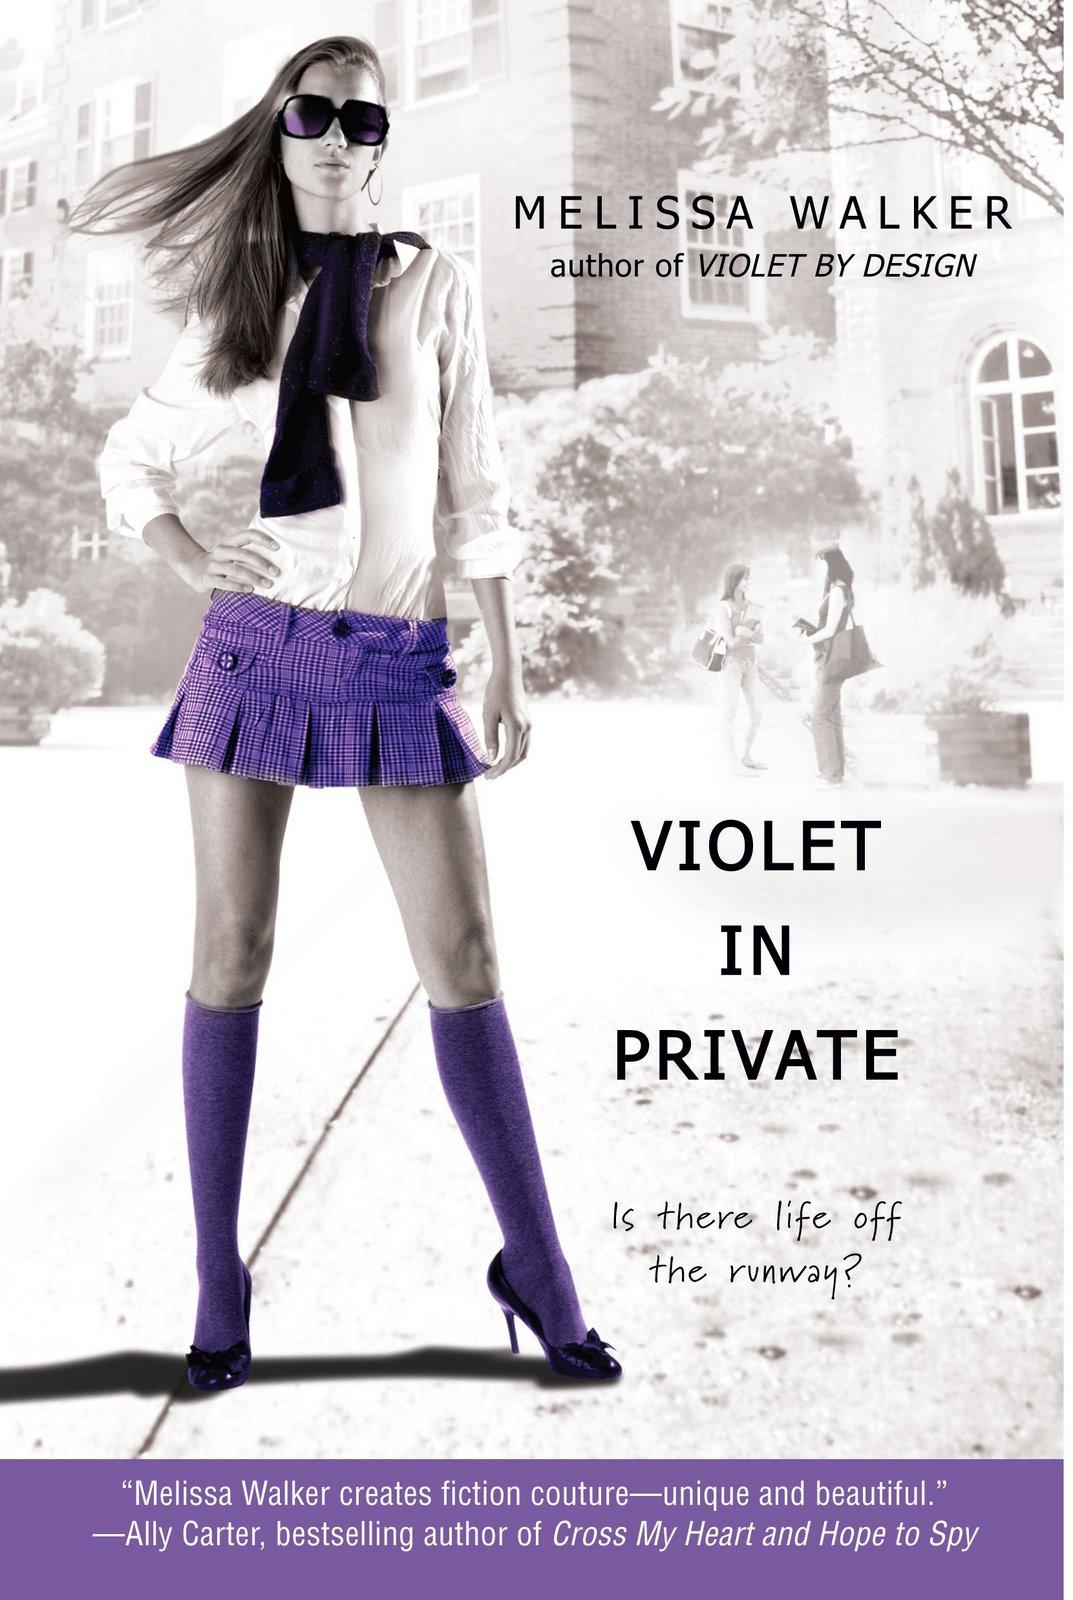 [violet]